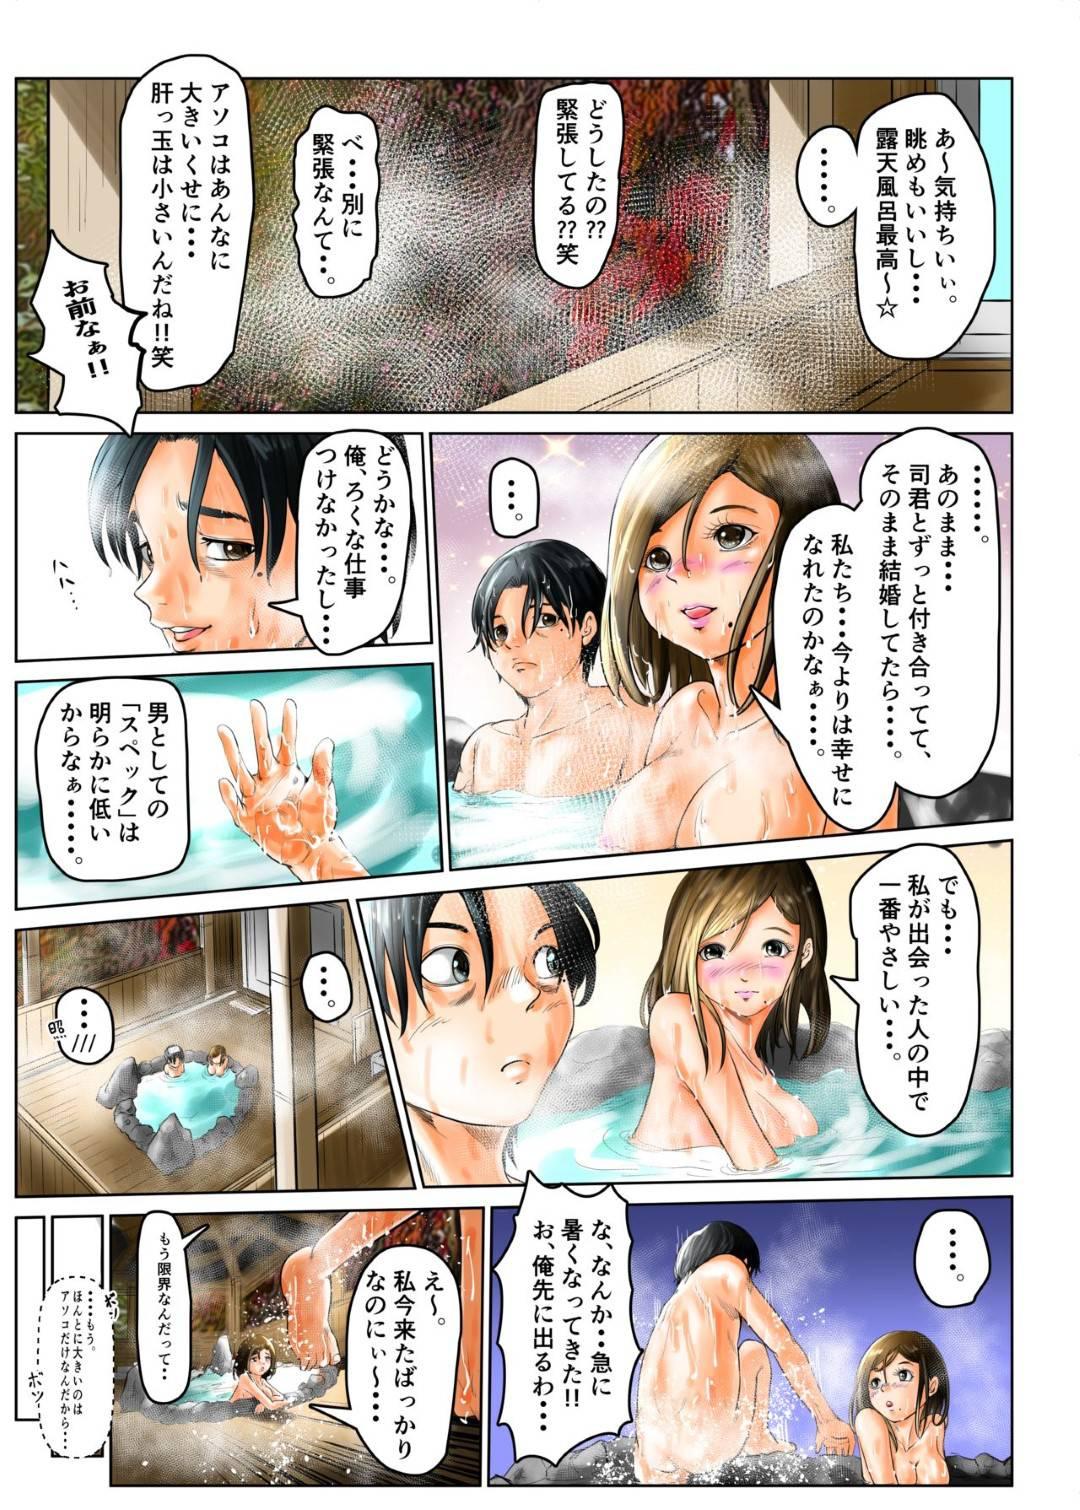 【元カノNTR不倫フルカラーエロ漫画】休日、社畜男は温泉街に行くと元カノに会い、中出しセックスで寝とる【おにちゃん】